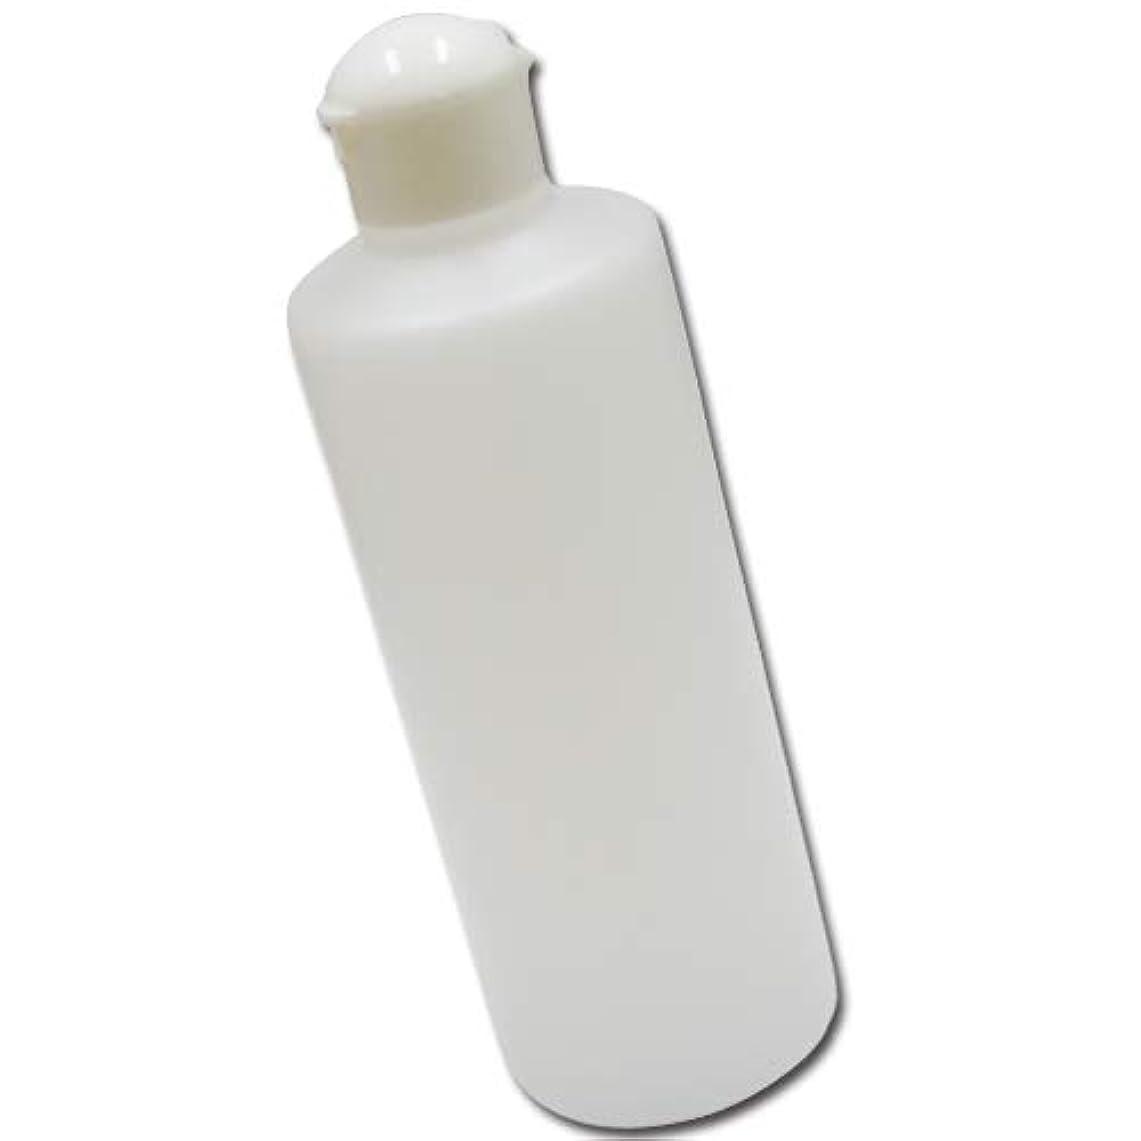 店主湖ベーカリー詰め替え容器ワンタッチキャップ300ml (半透明)│業務用ローションやうがい薬、液体石鹸、調味料、化粧品などの小分けに便利なボトル